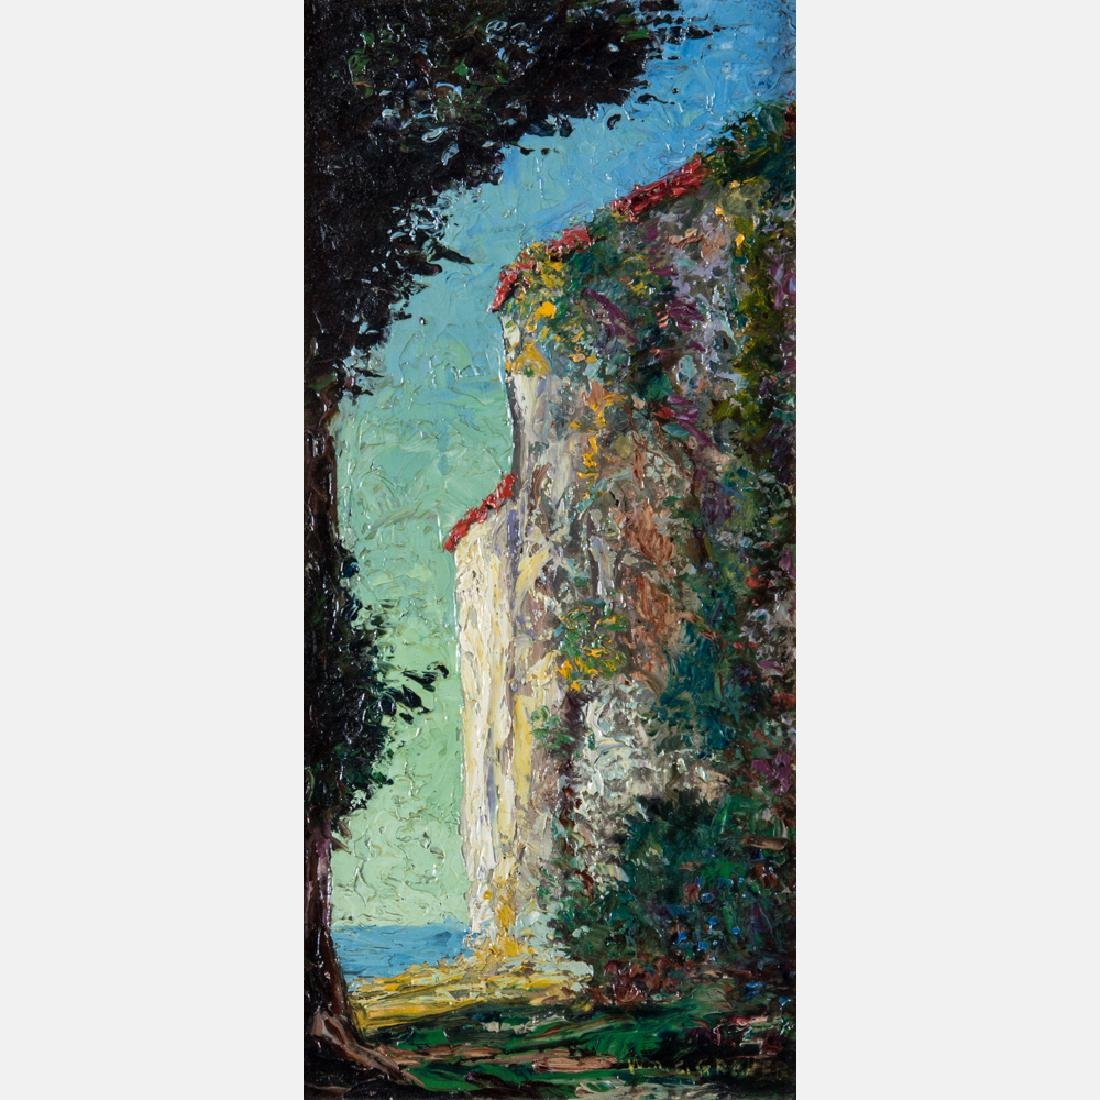 William C. Grauer (1896-1985) Landscape, Oil on board,